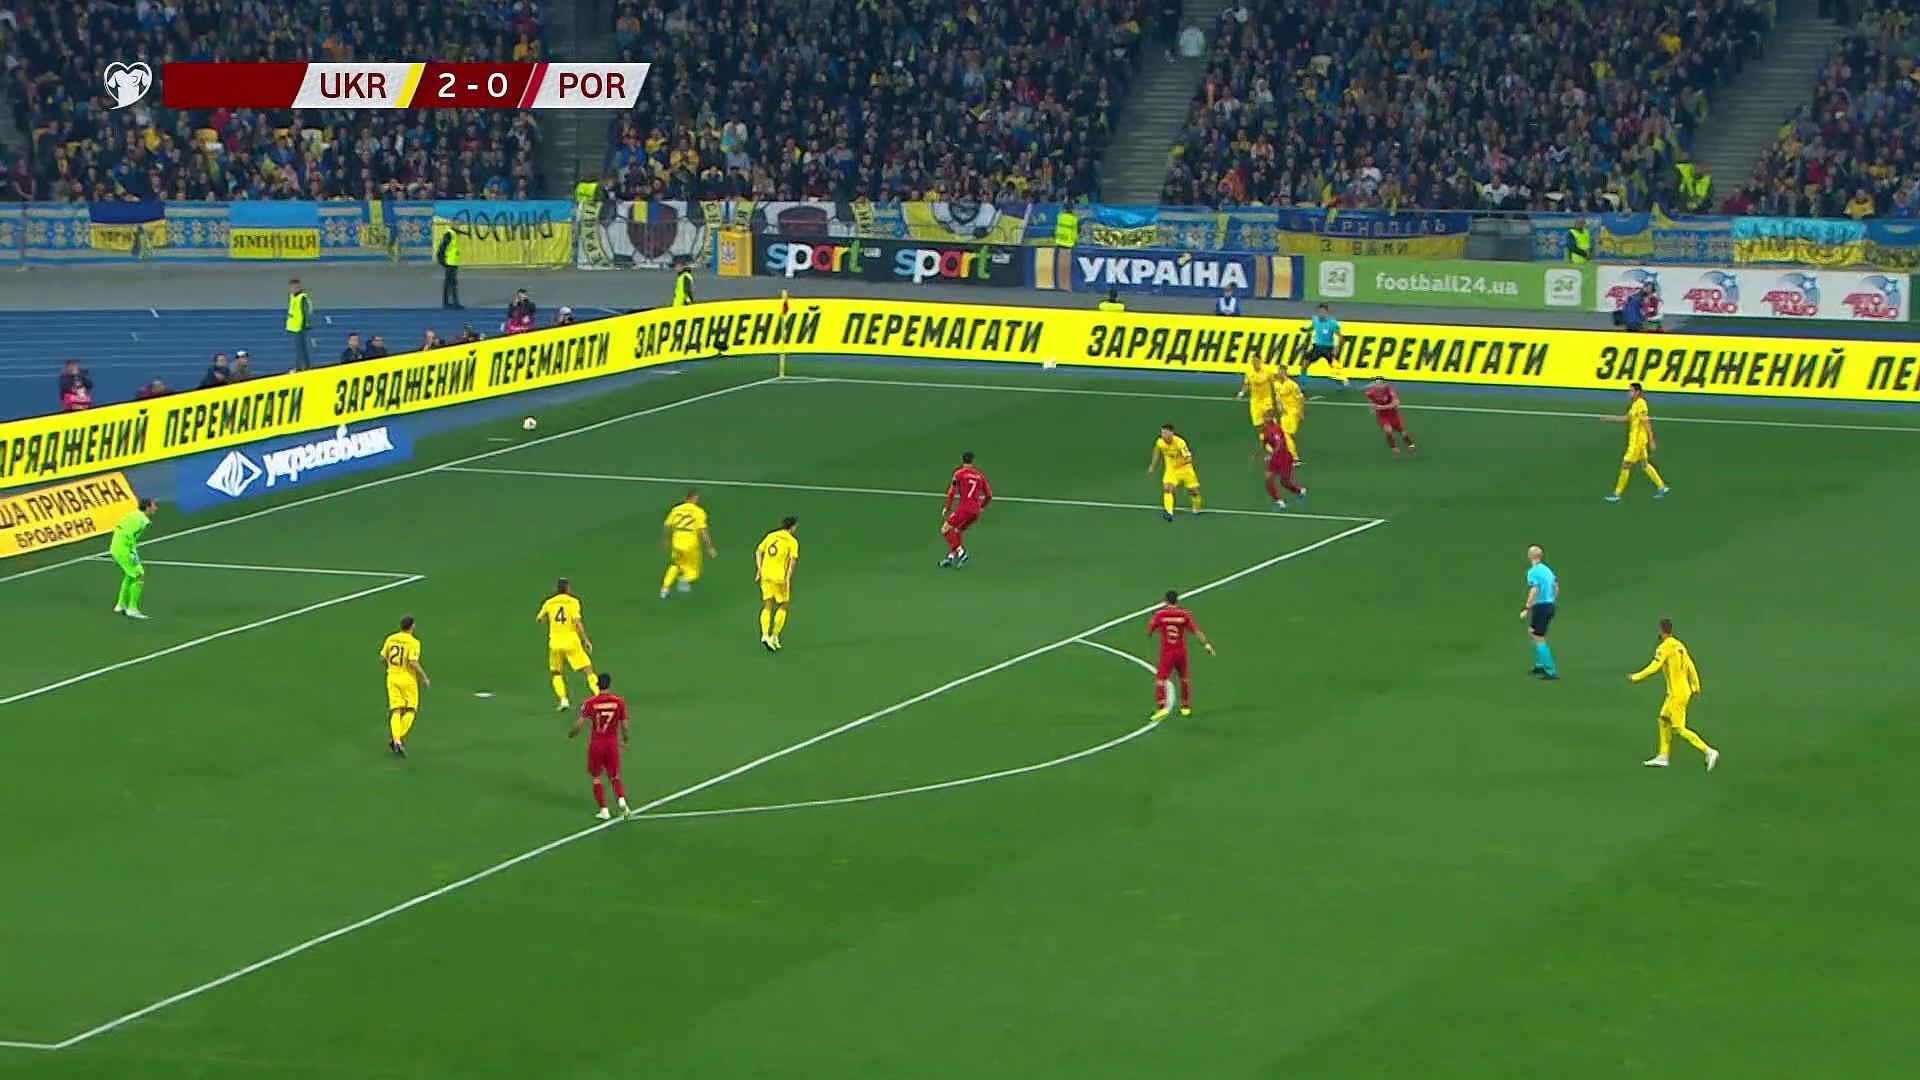 7. Hafta / Ukrayna - Portekiz: 2-1 (Özet)